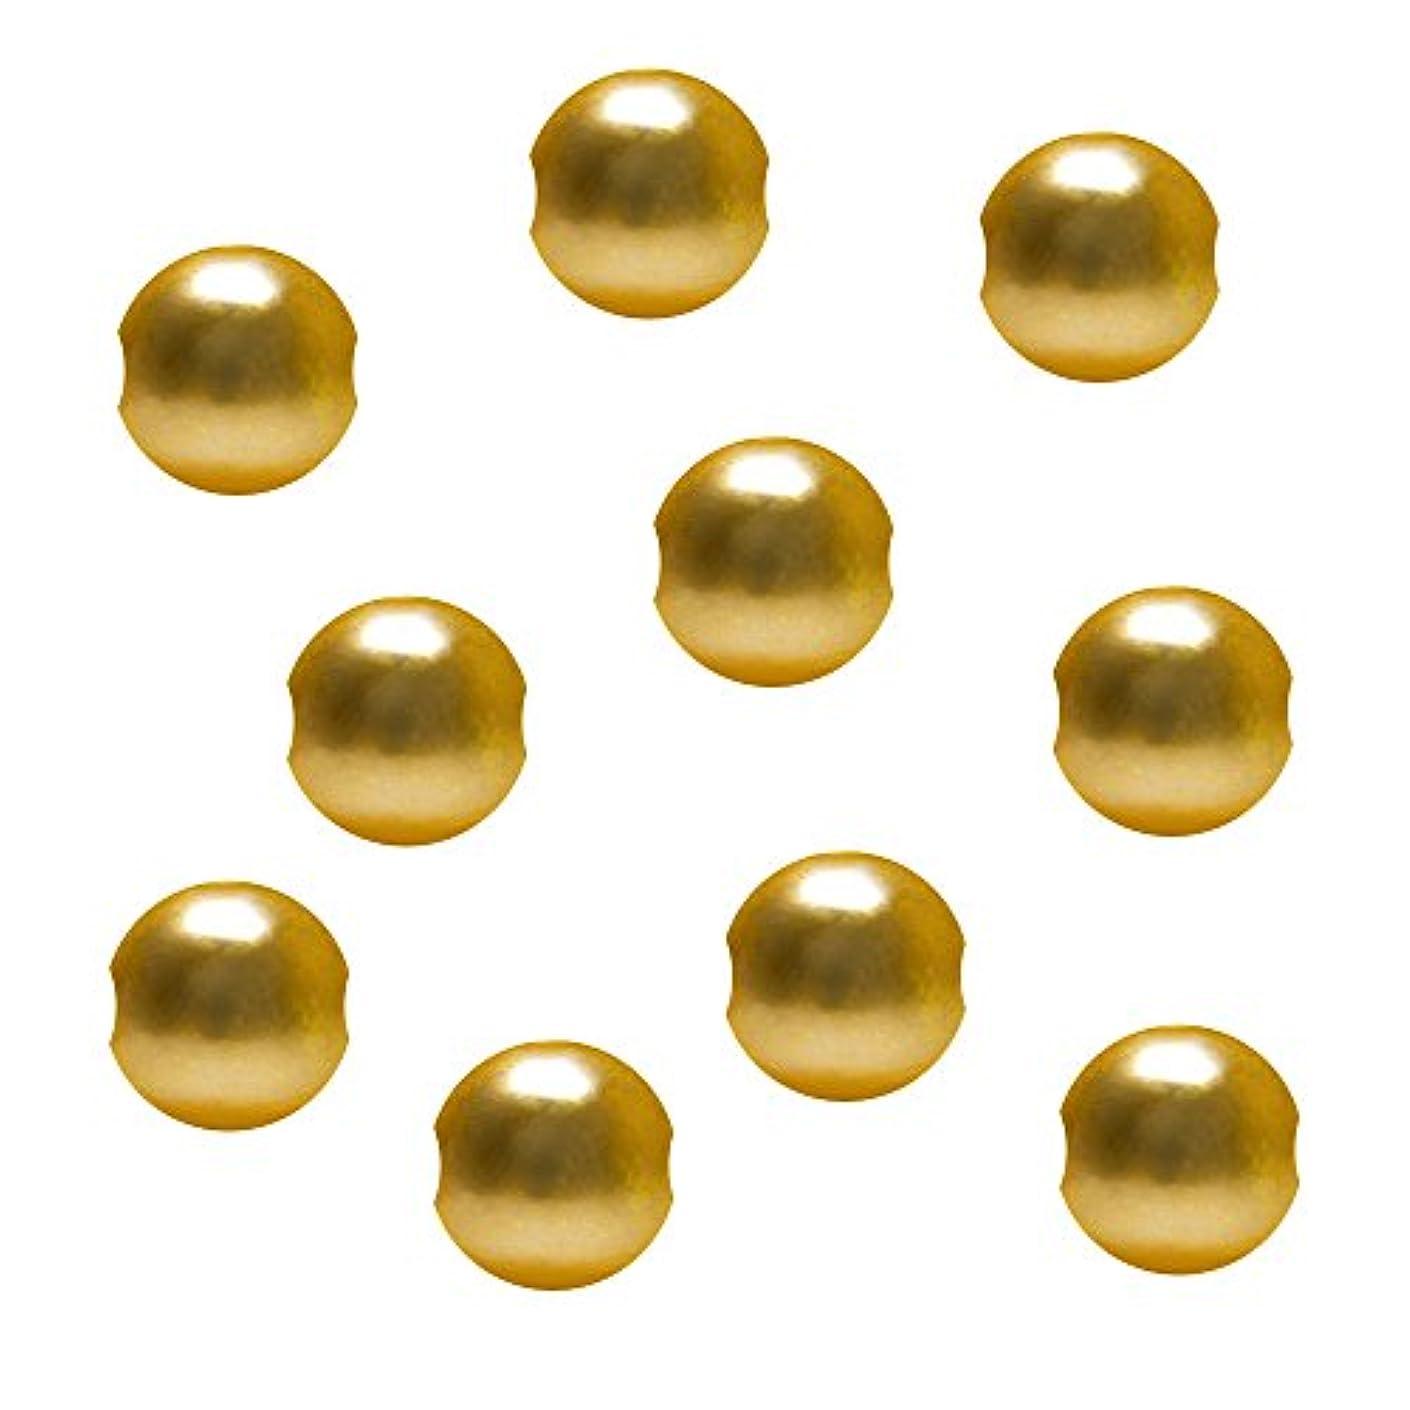 光日常的におばさんジェルネイル  サンシャインベビー ジュエリーボールゴールド穴あり6mm